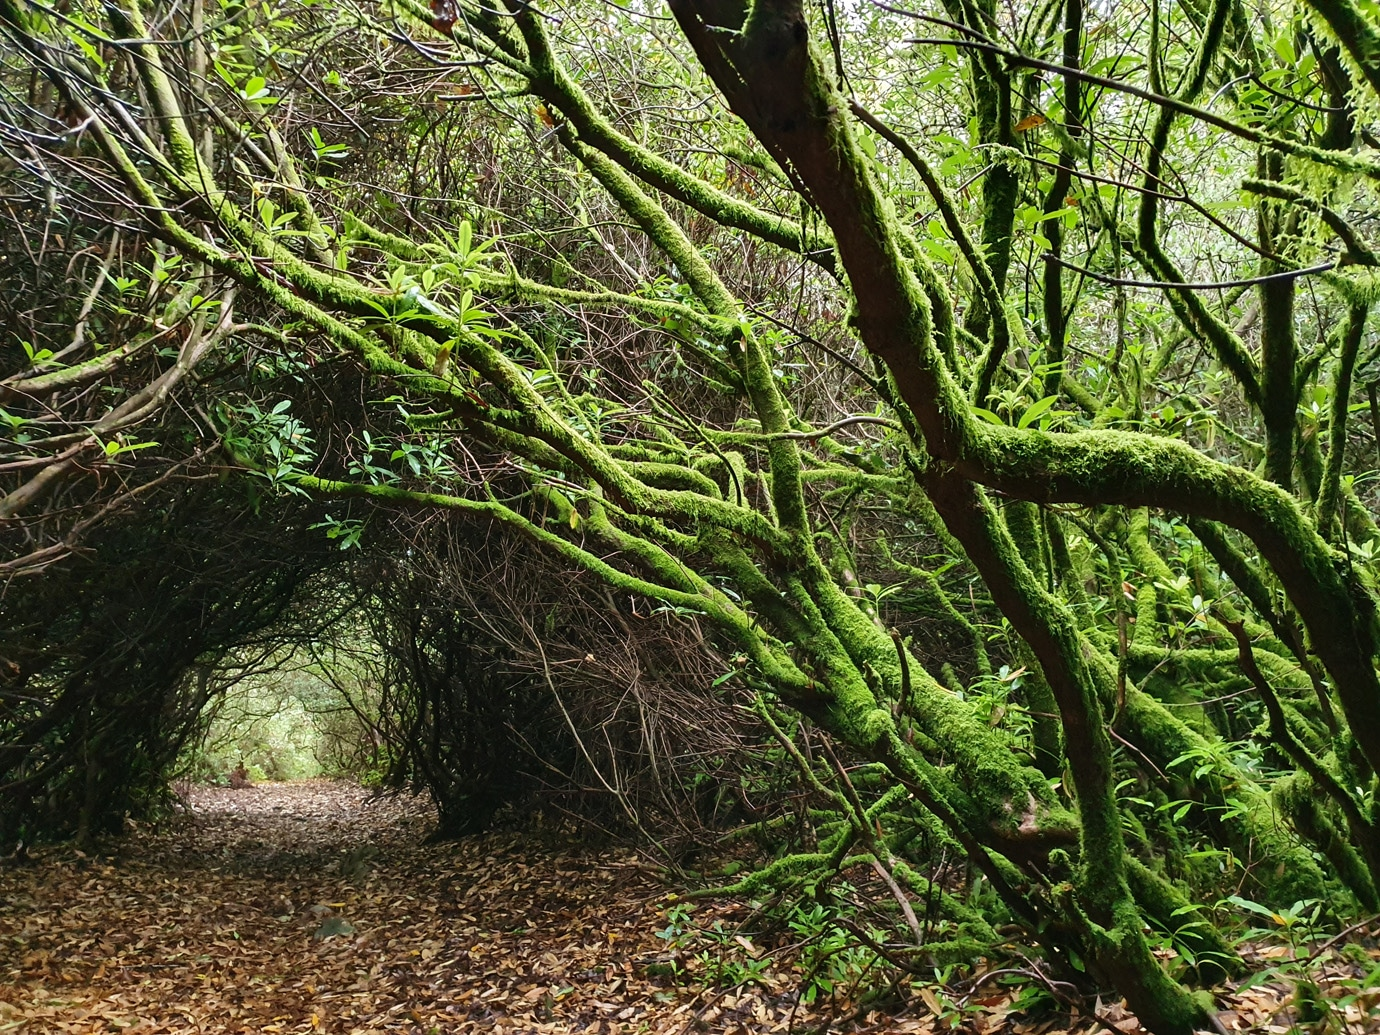 2nde pro d'orientation (jardin, nature, espaces verts) pour qui et pourquoi ?